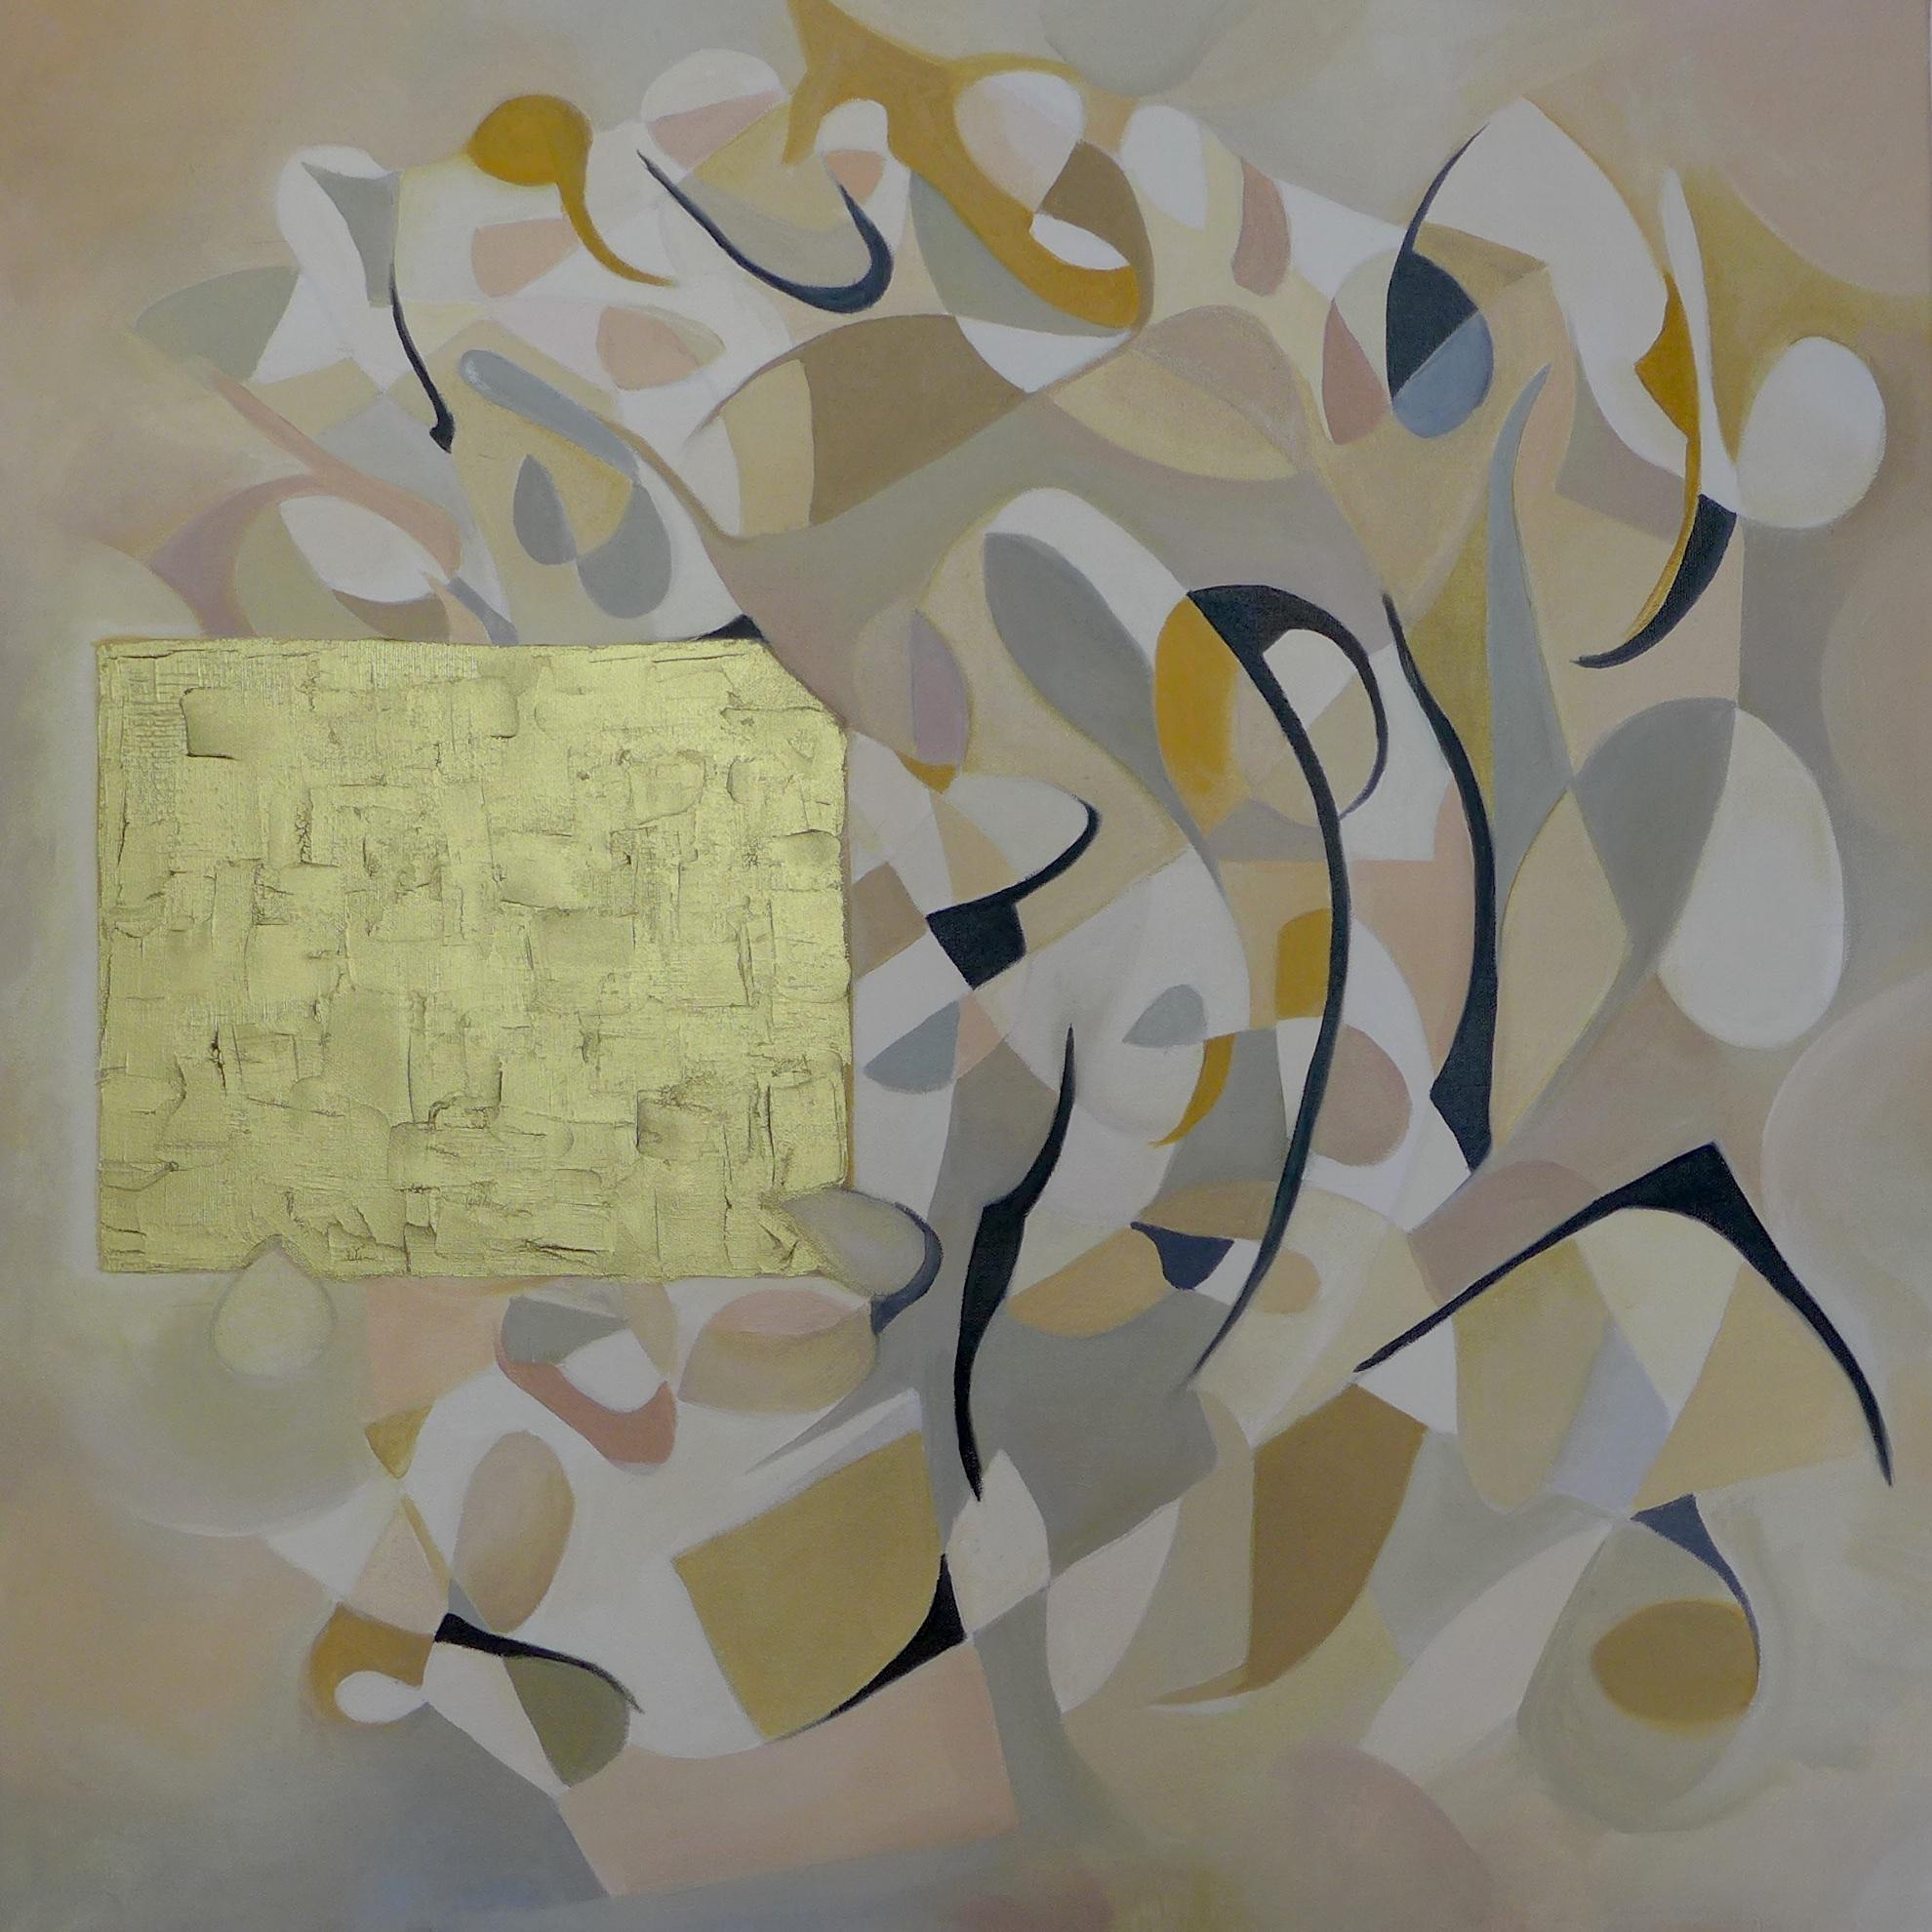 New Society /Oil on Canvas 100 x 100 cm 2015